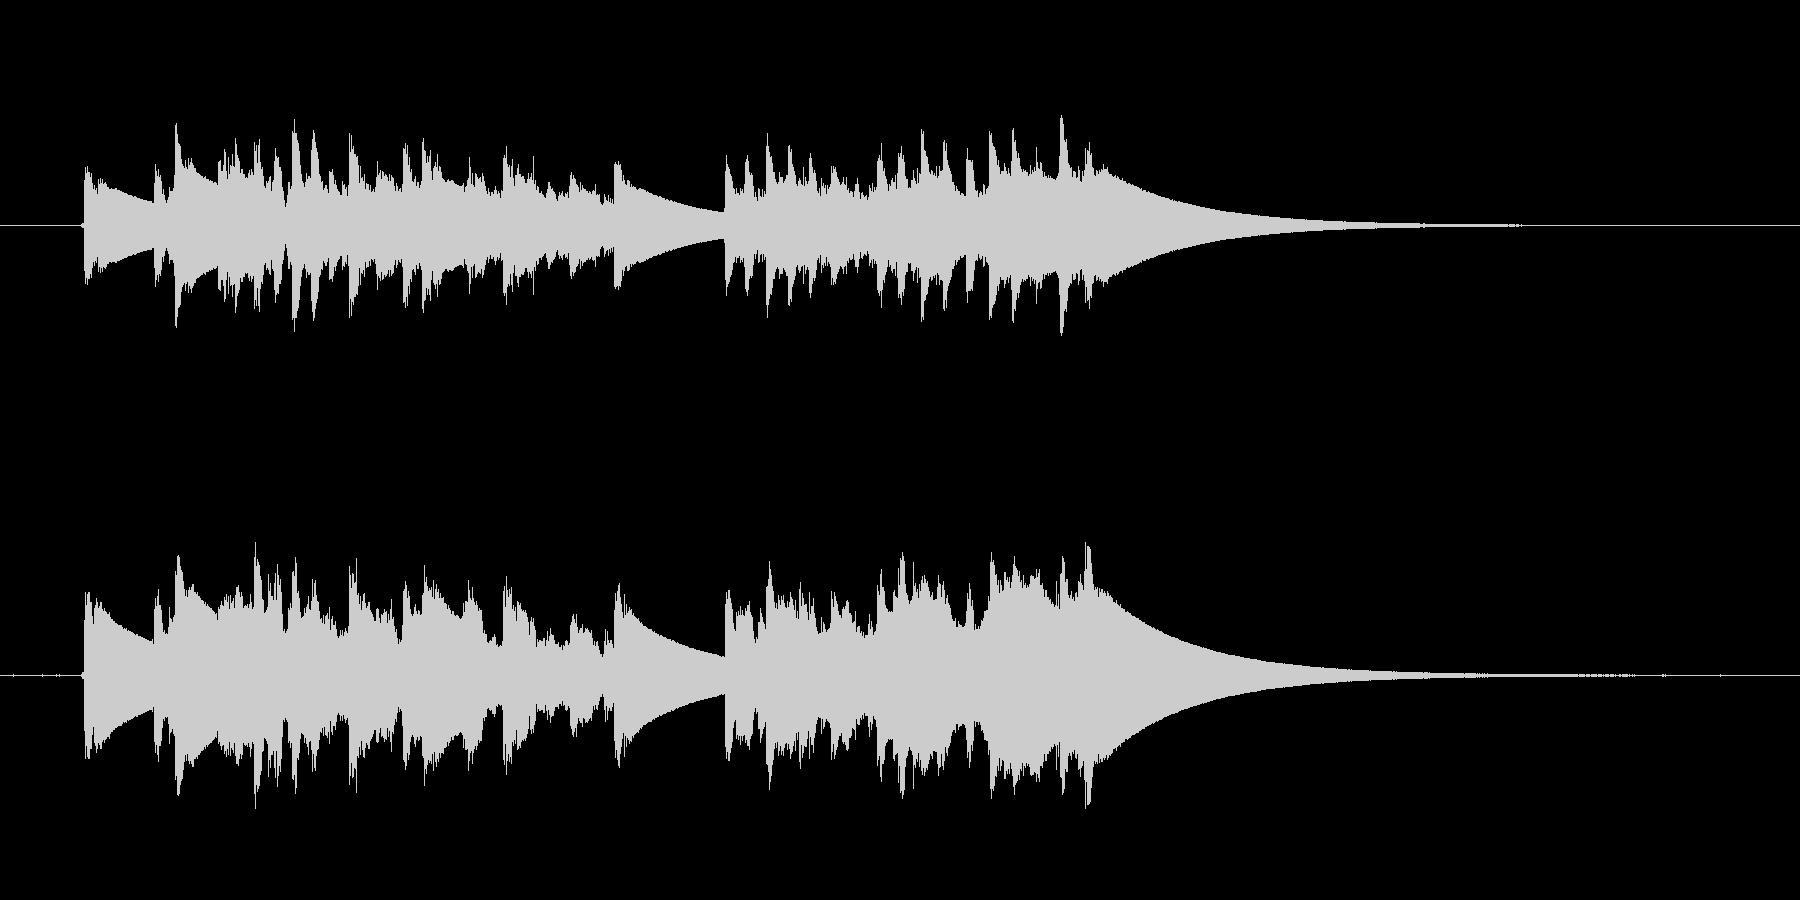 クイック繰り返しディンドン型ドアベ...の未再生の波形